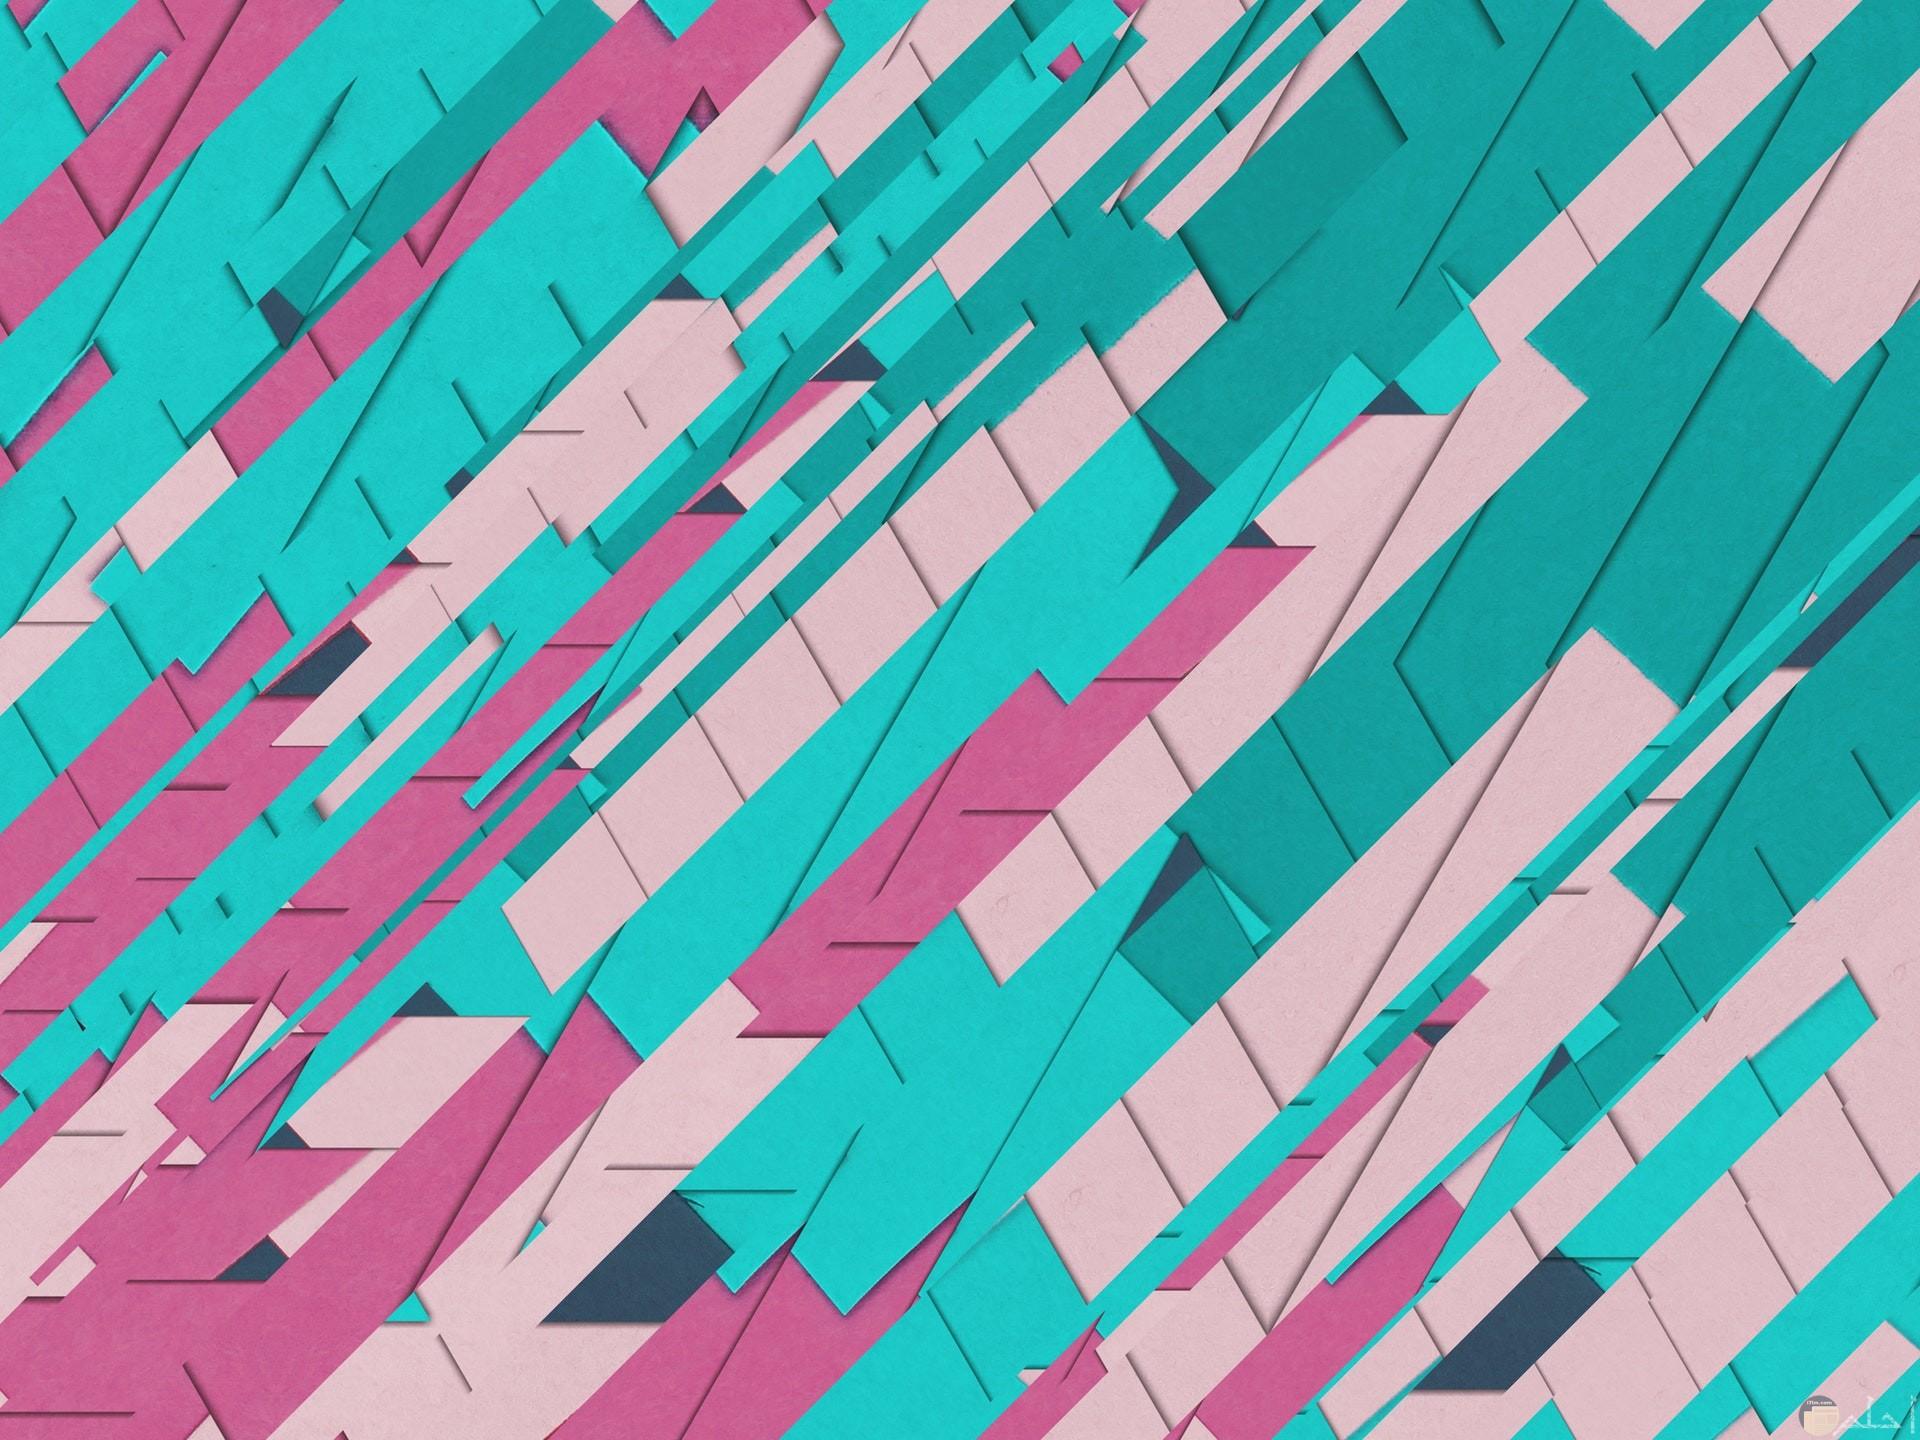 صورة غريبة كيوت لشيء عجيب باللون اللبني والوردي